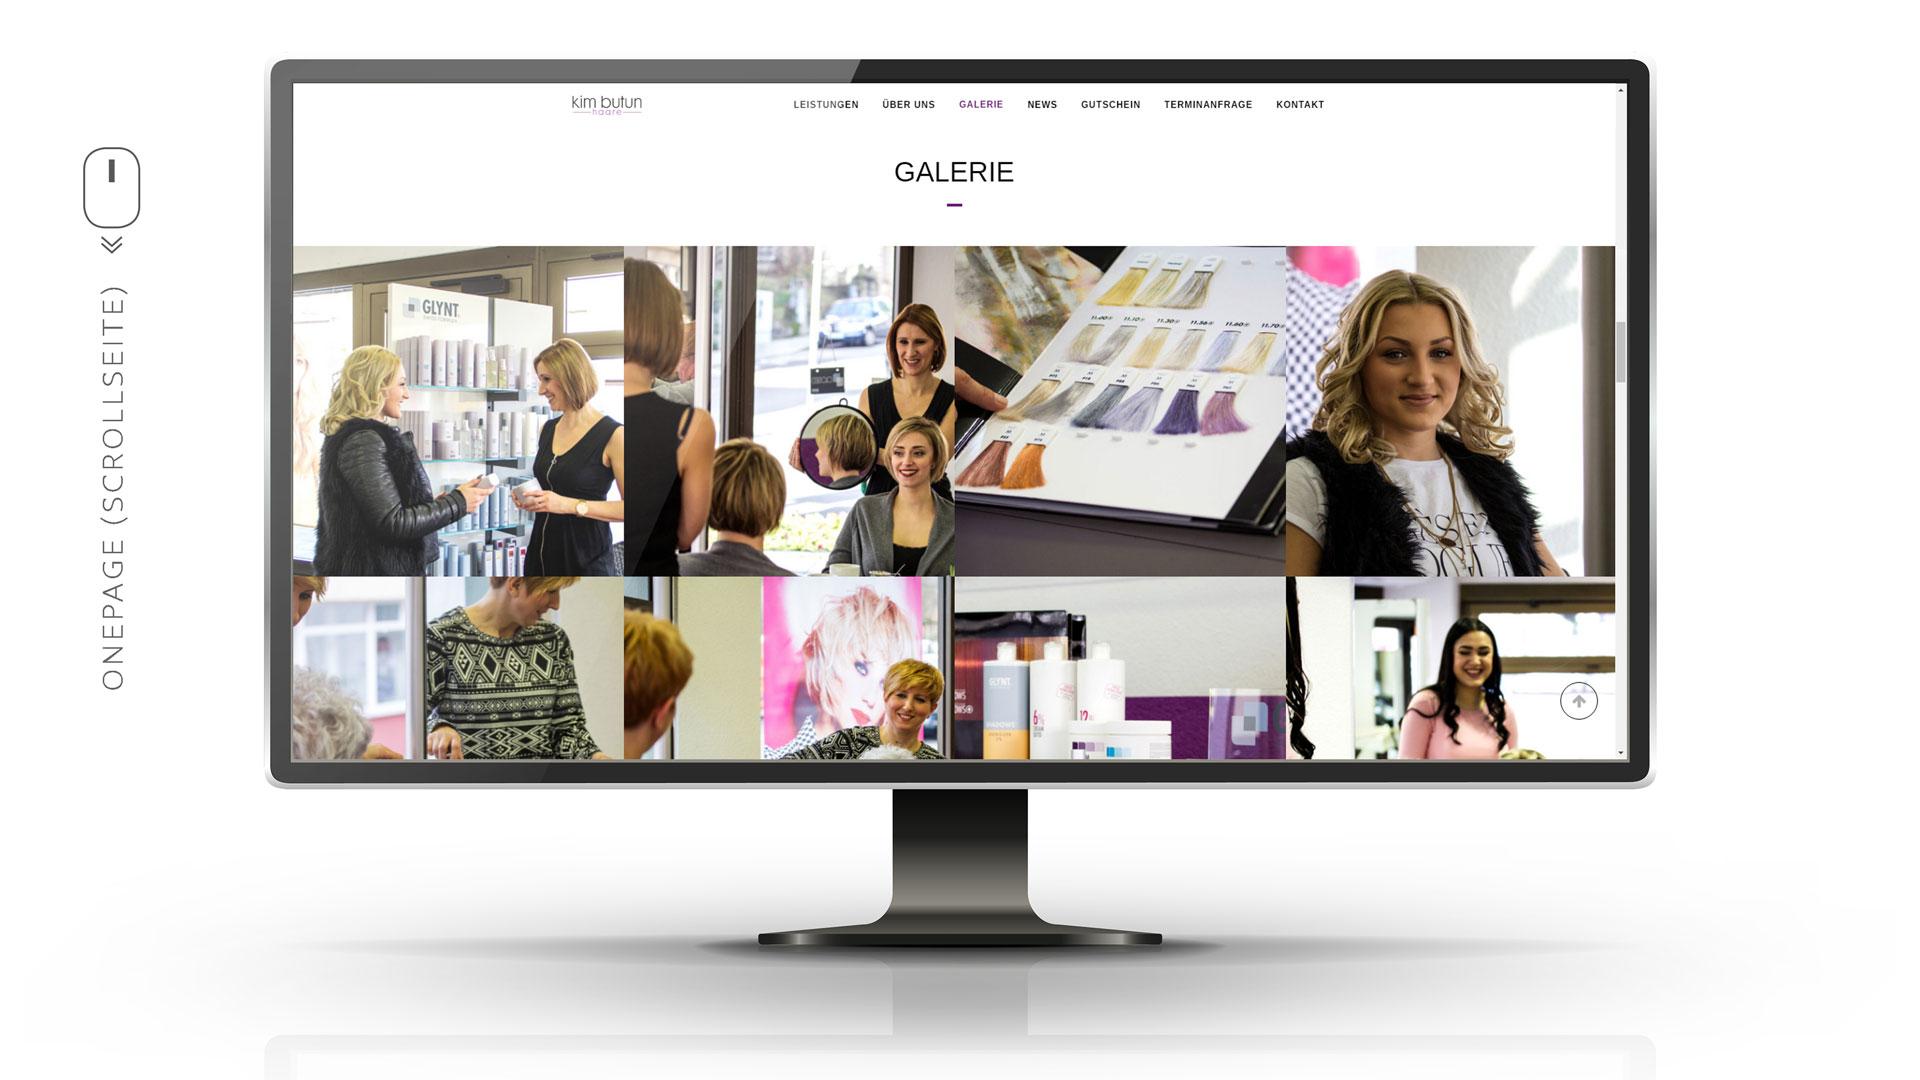 Galerie mit vielen Eindrücken aus dem Friseursalon, Mitarbeiterinnen und Kunden